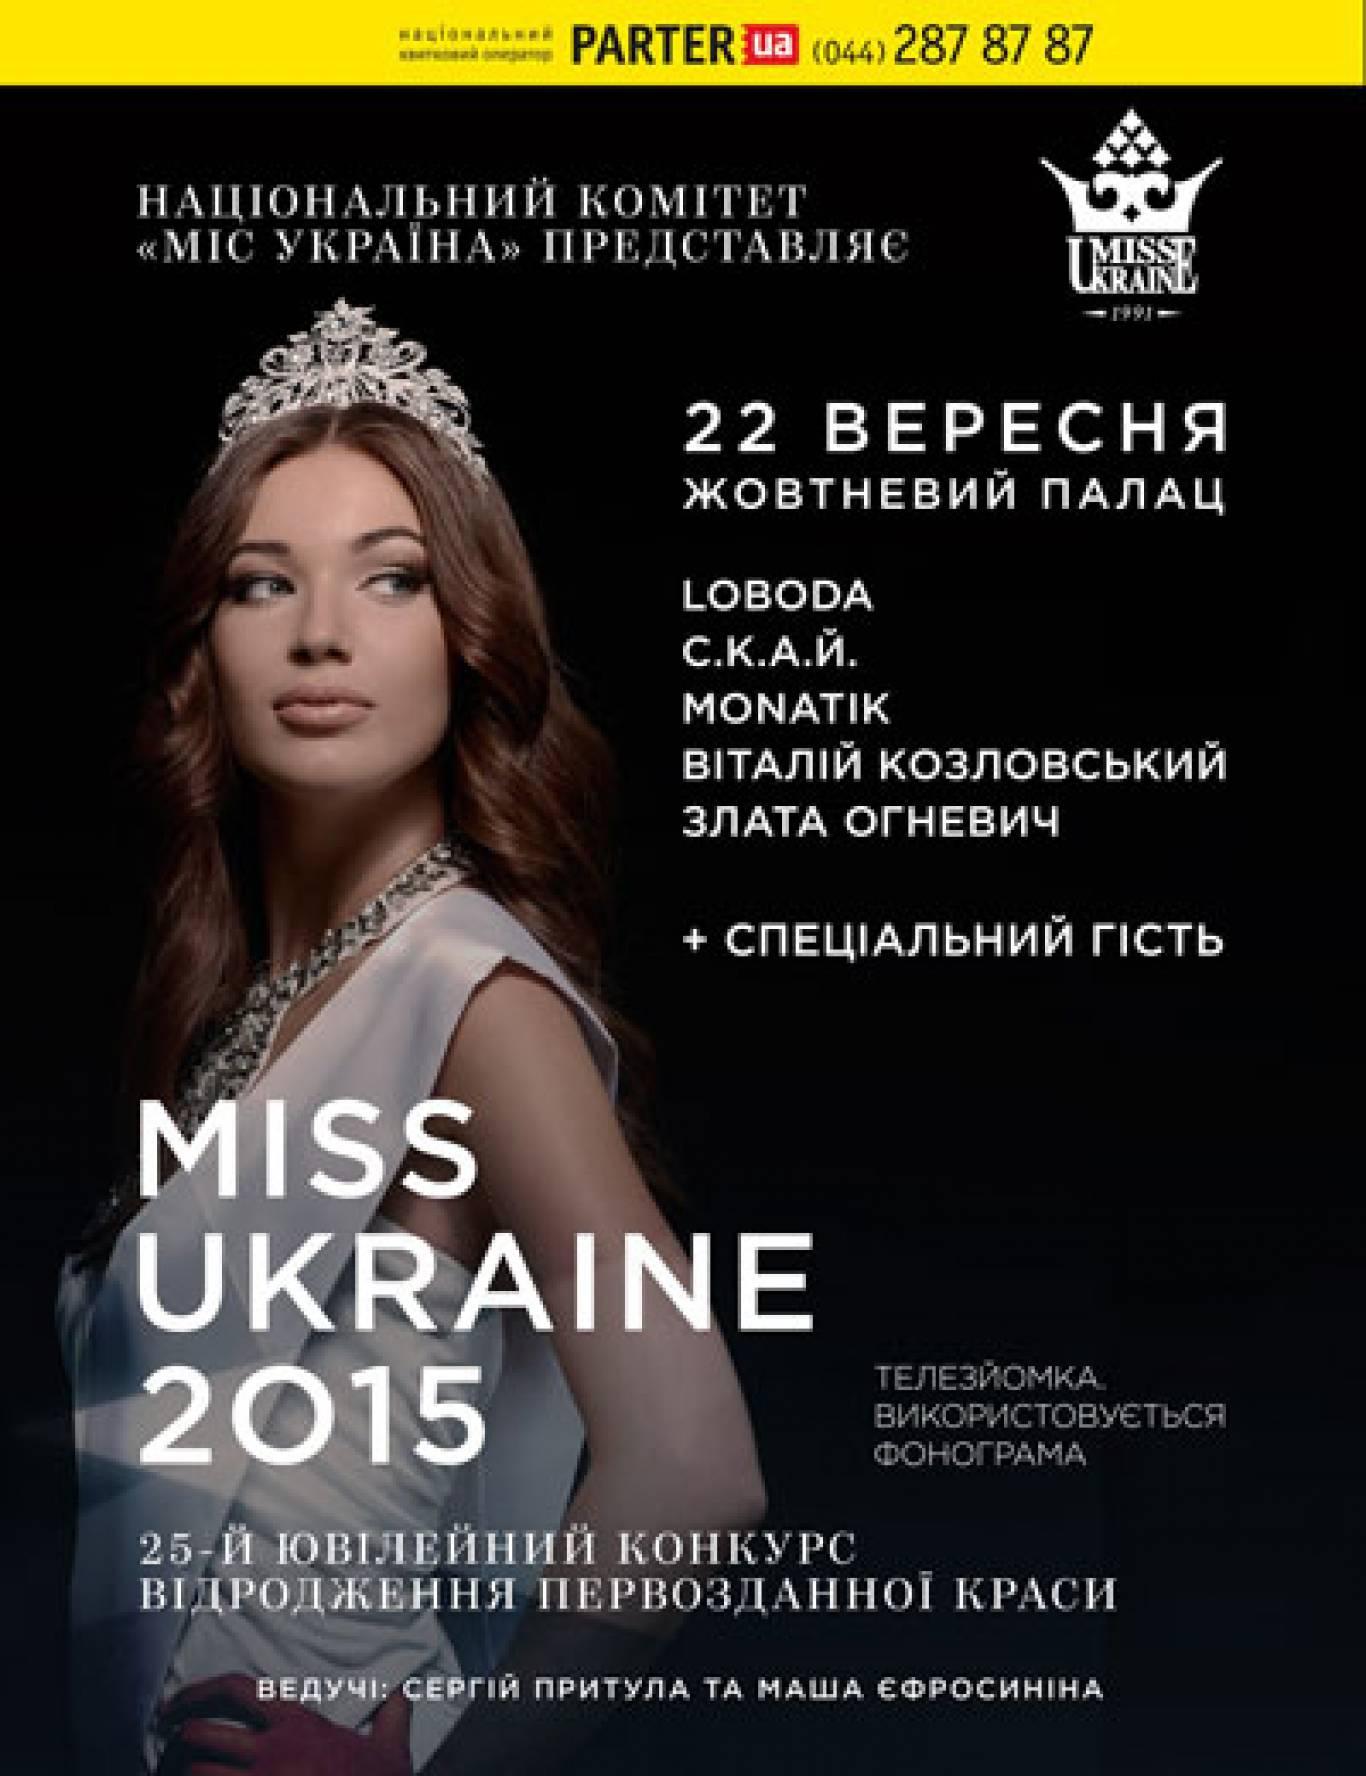 Конкурс «МІС УКРАЇНА-2015» в Жовтневому палаці